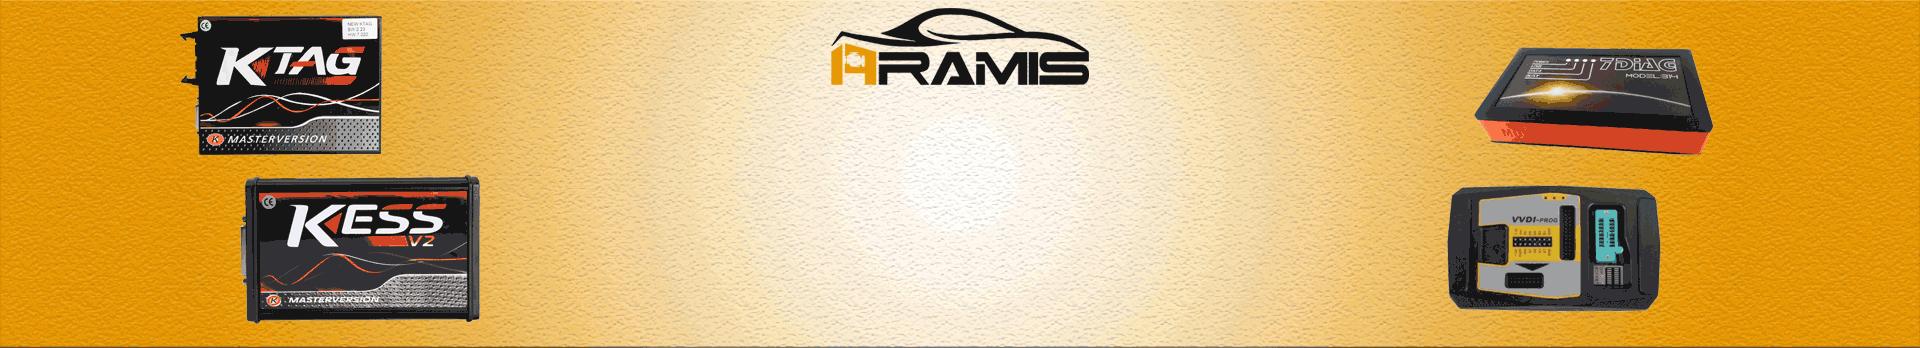 دستگاه پروگرامر و ریمپ خودرو | قیمت پروگرامر ایسیو | خرید دستگاه ریمپ و تیونینگ